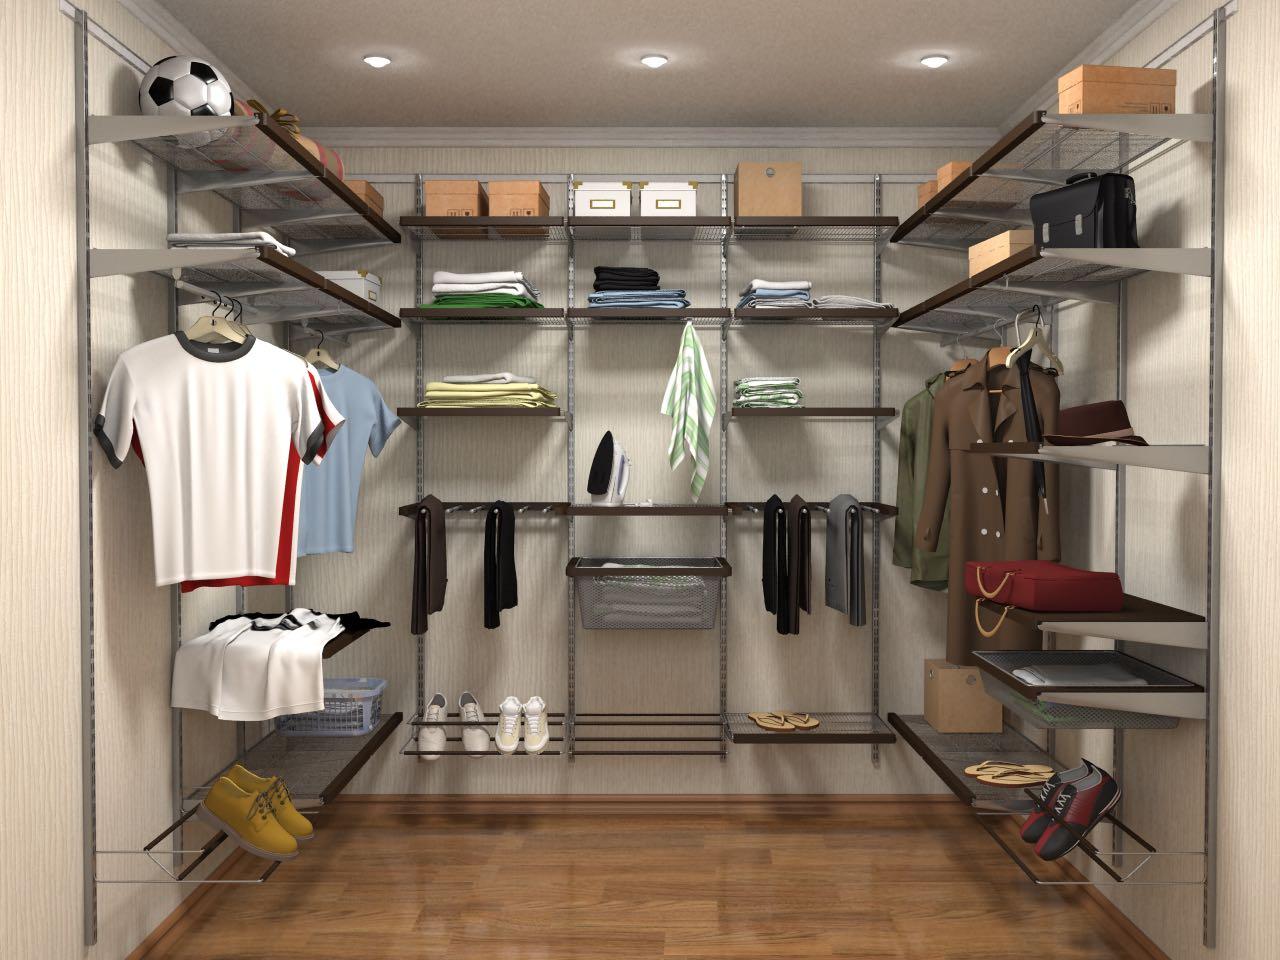 Установка гардеробной системы аристо своими руками